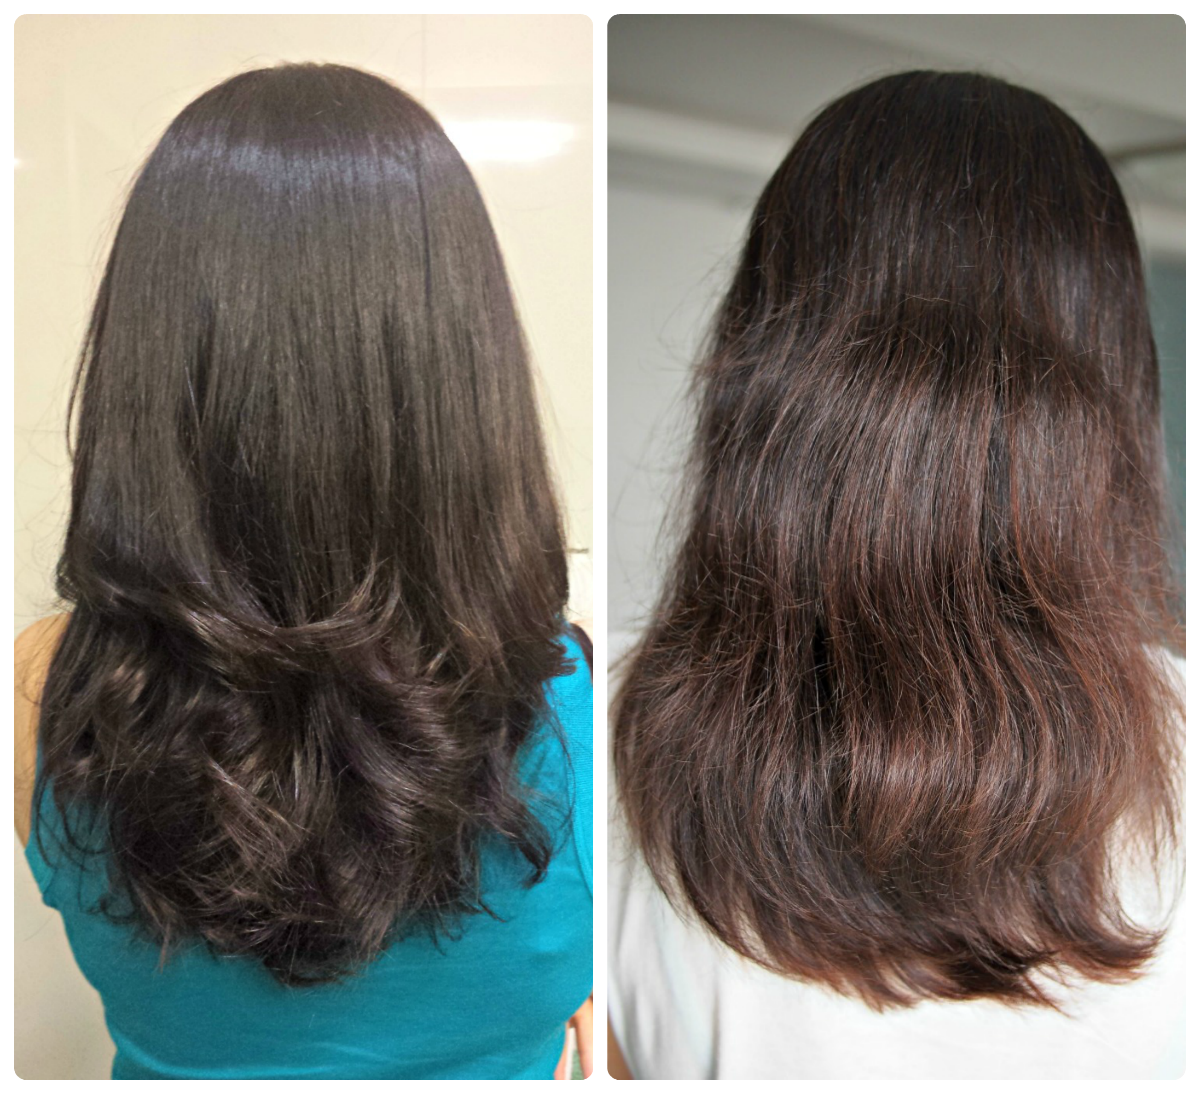 Rozjaśnianie ciemnych włosów - I did it again!